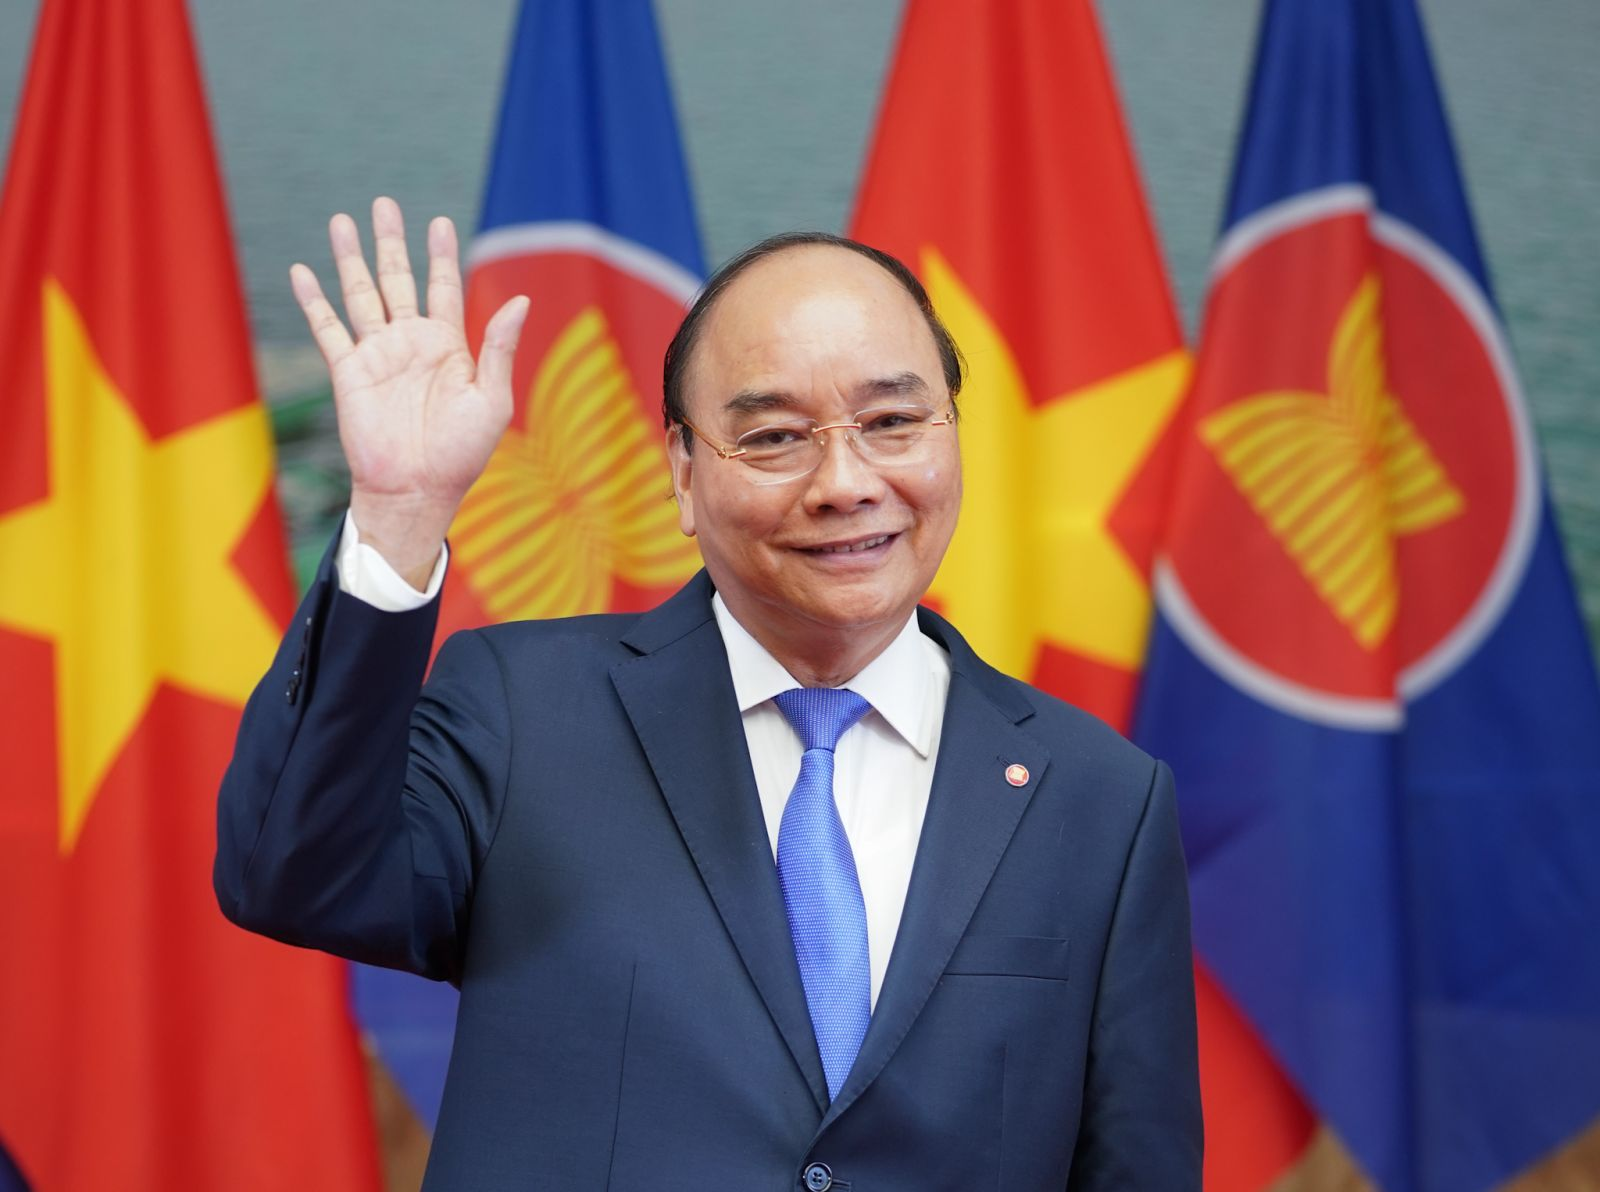 Thủ tướng Chính phủ nước Cộng hòa xã hội chủ nghĩa Việt Nam Nguyễn Xuân Phúc. Ảnh: VGP/Quang Hiếu